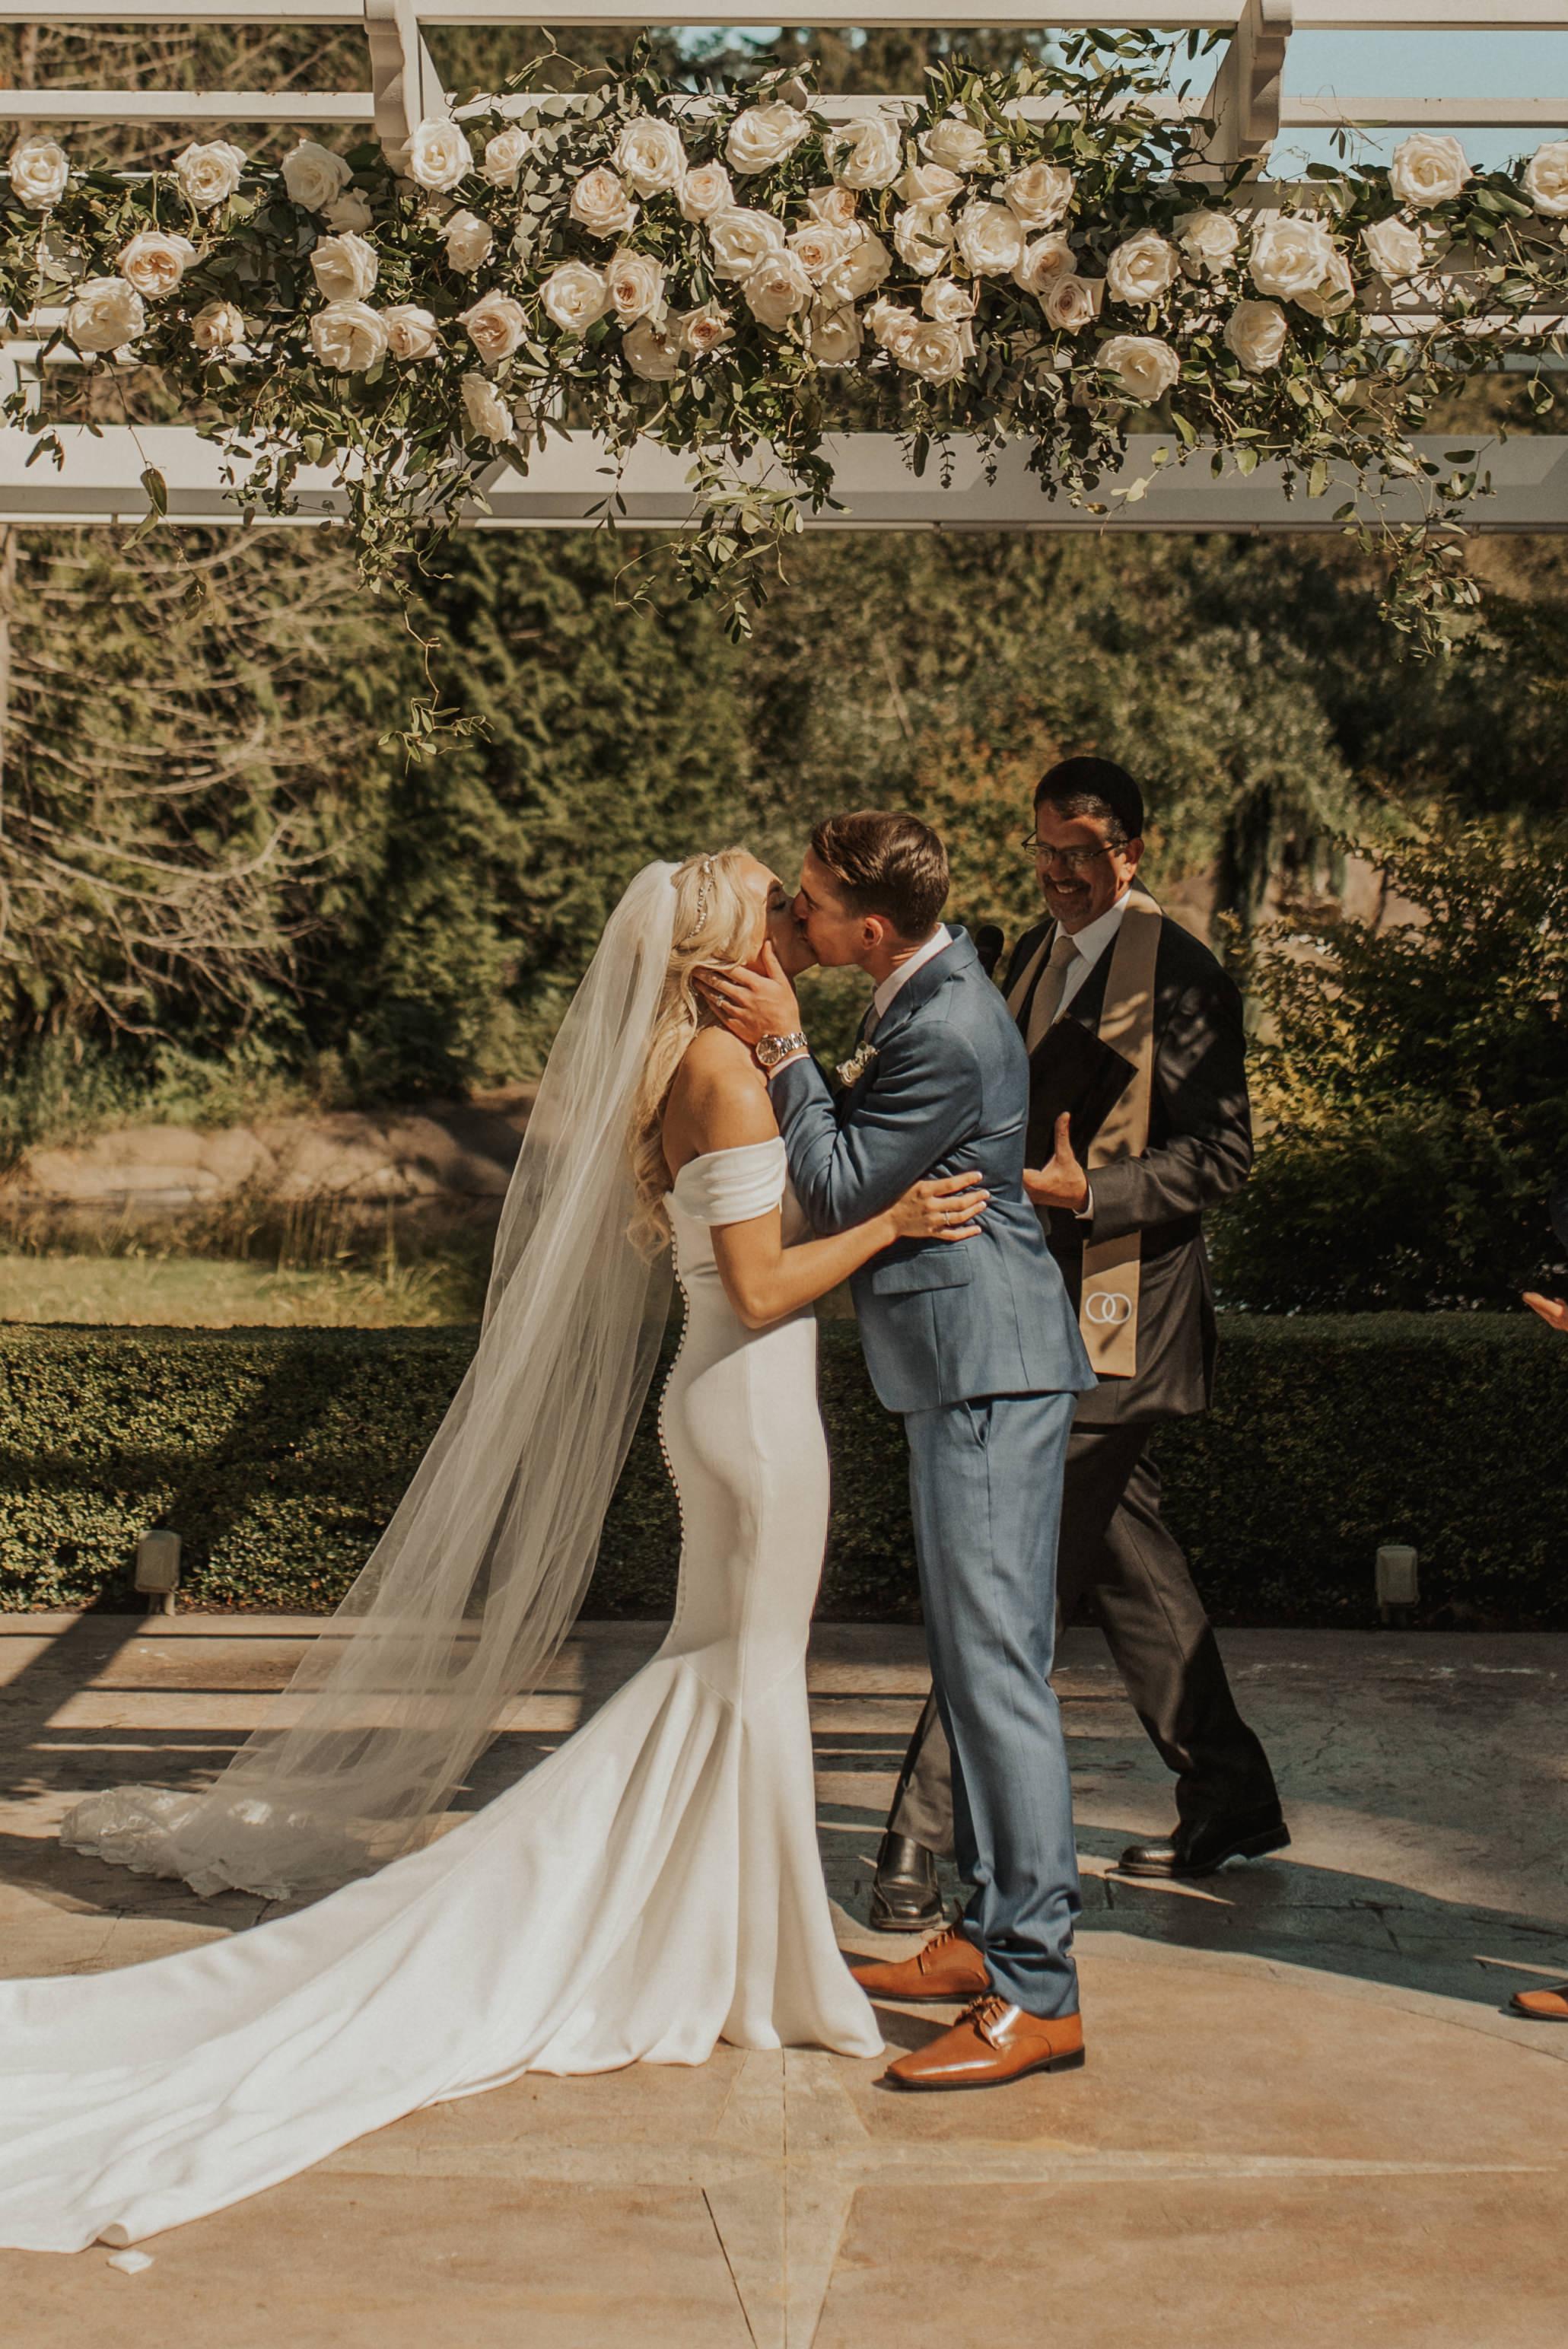 SydneeMariePhotography--CaliforniaWeddingPhotographer--RockCreekGardensWashingtonWedding--Ceremony-126.jpg